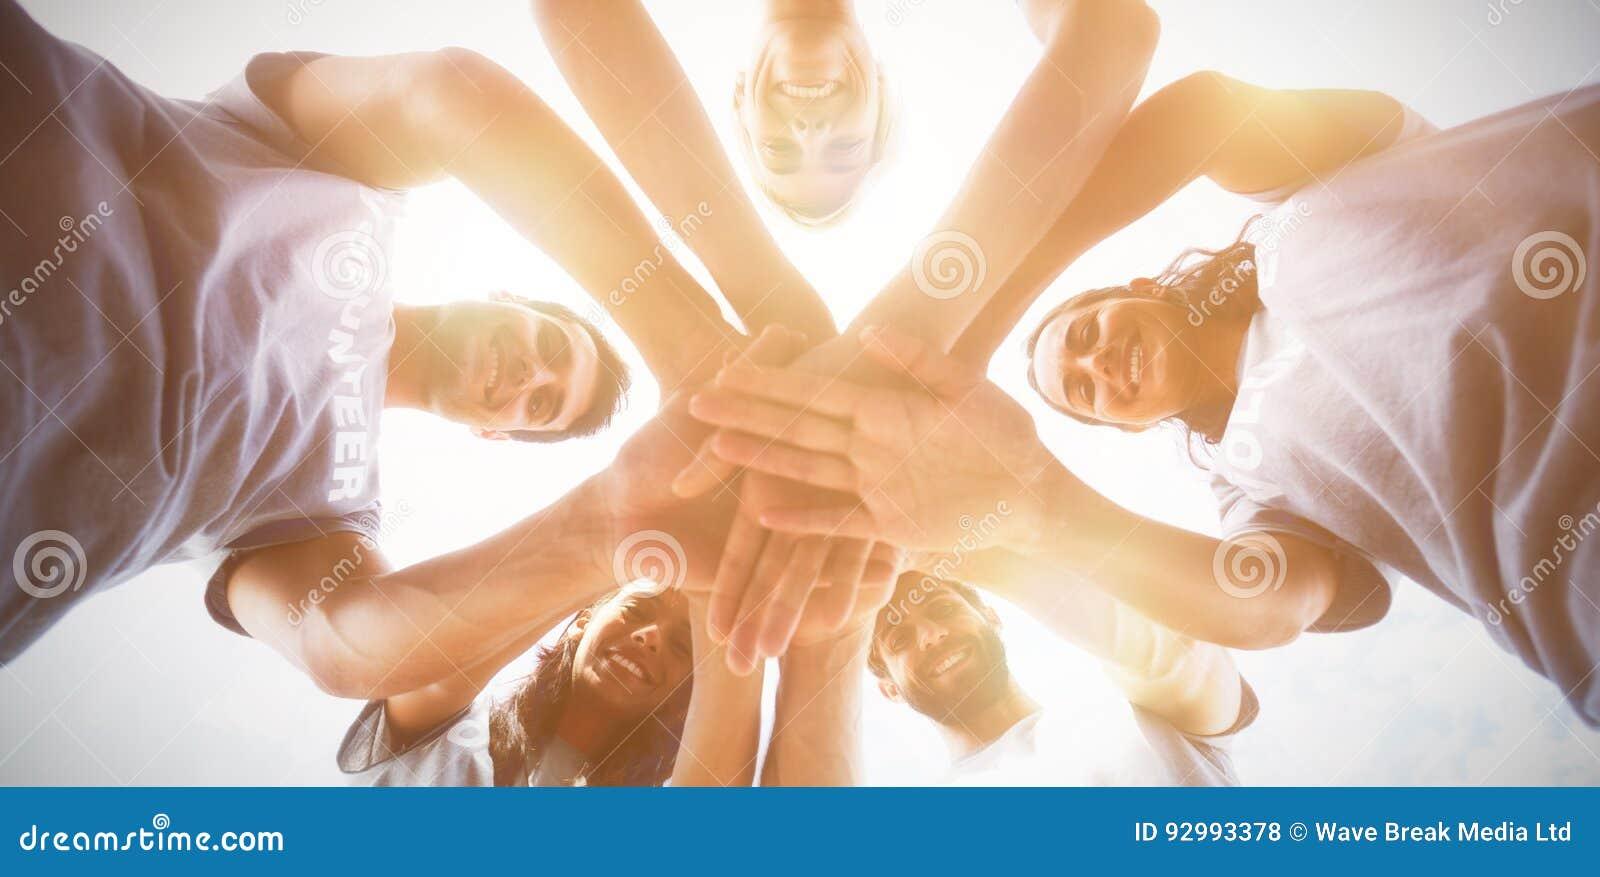 Personas Unidas Foto De Archivo. Imagen De Caucásico